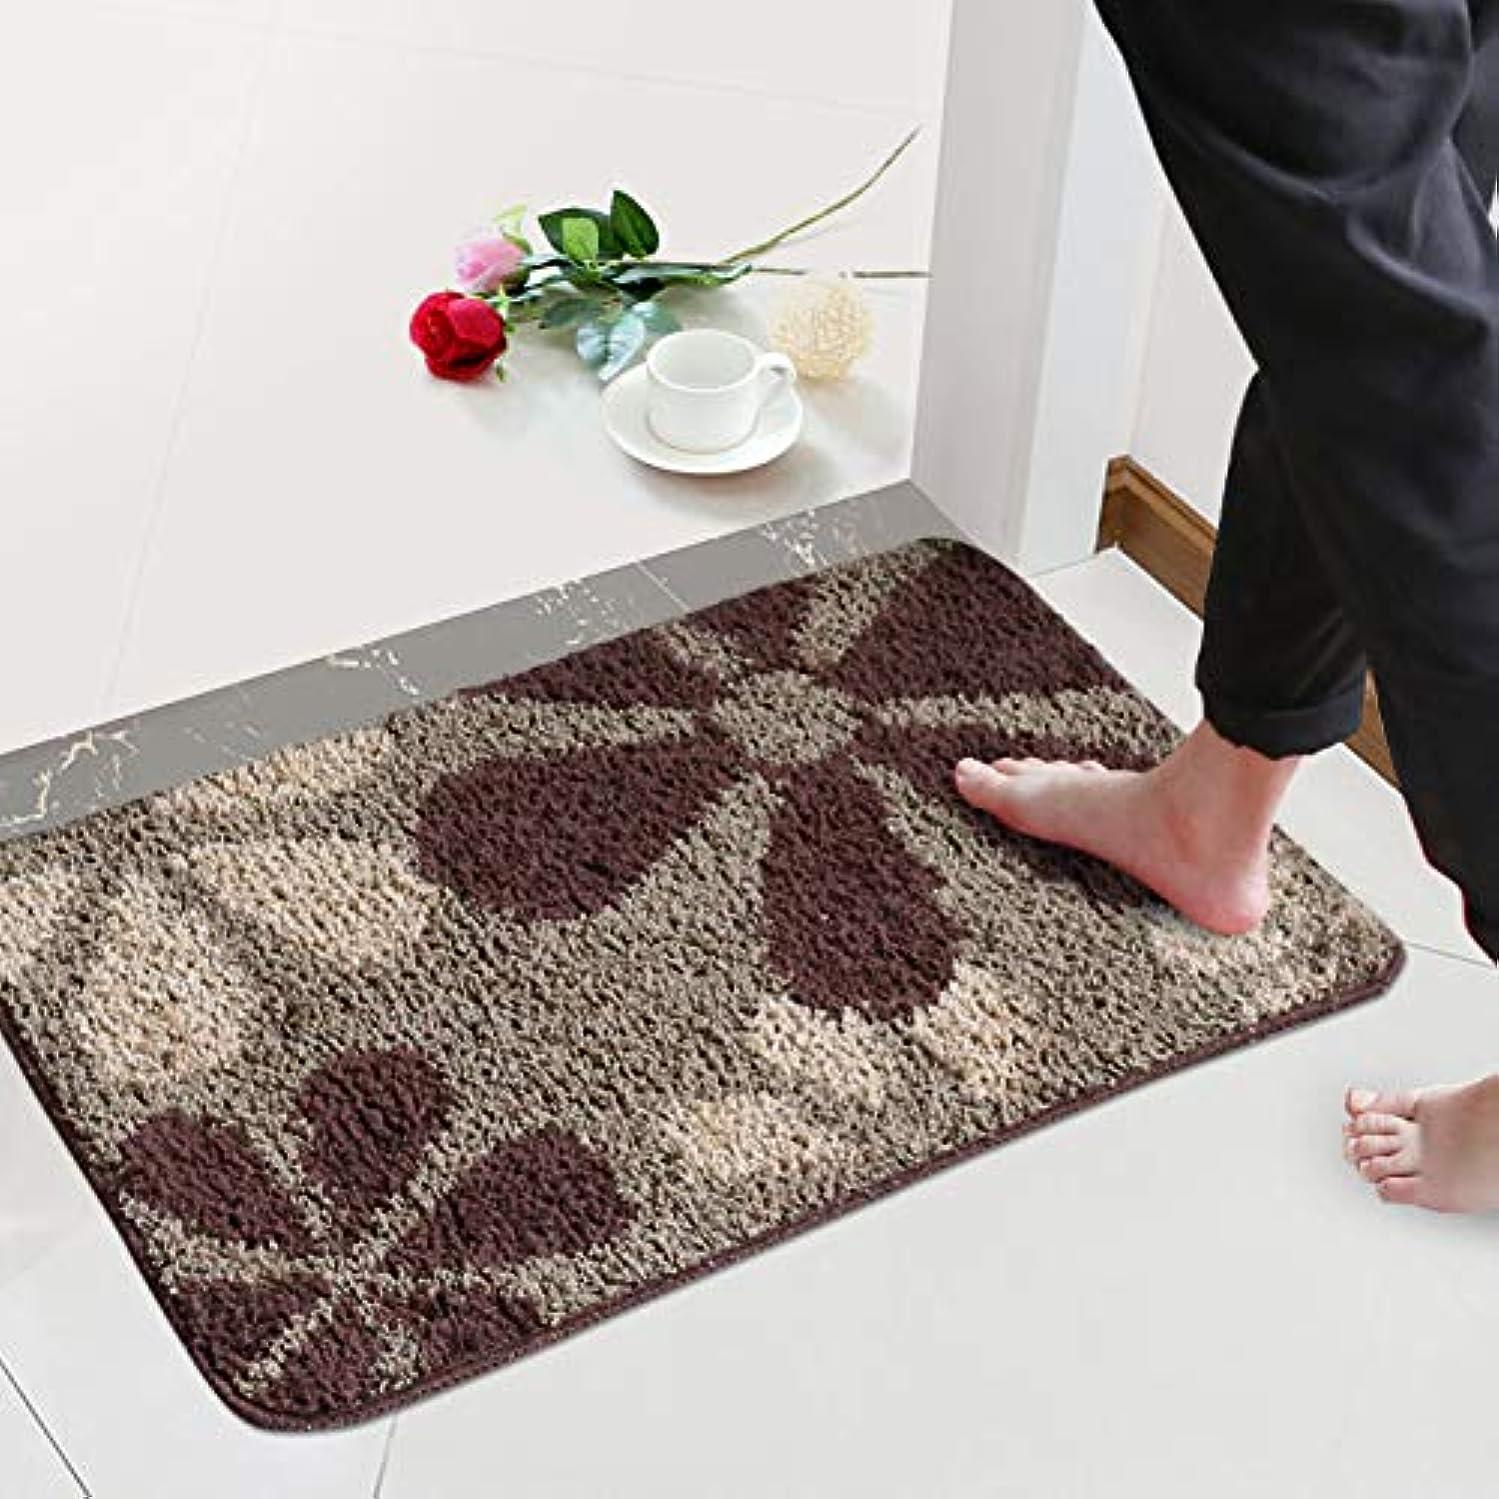 LIUCS Carpet mat, Machine Textile Cleaning Anti-Slip Anti-Static Corridor Aisle Corridor Home Decoration Carpet (40cmx60cm)